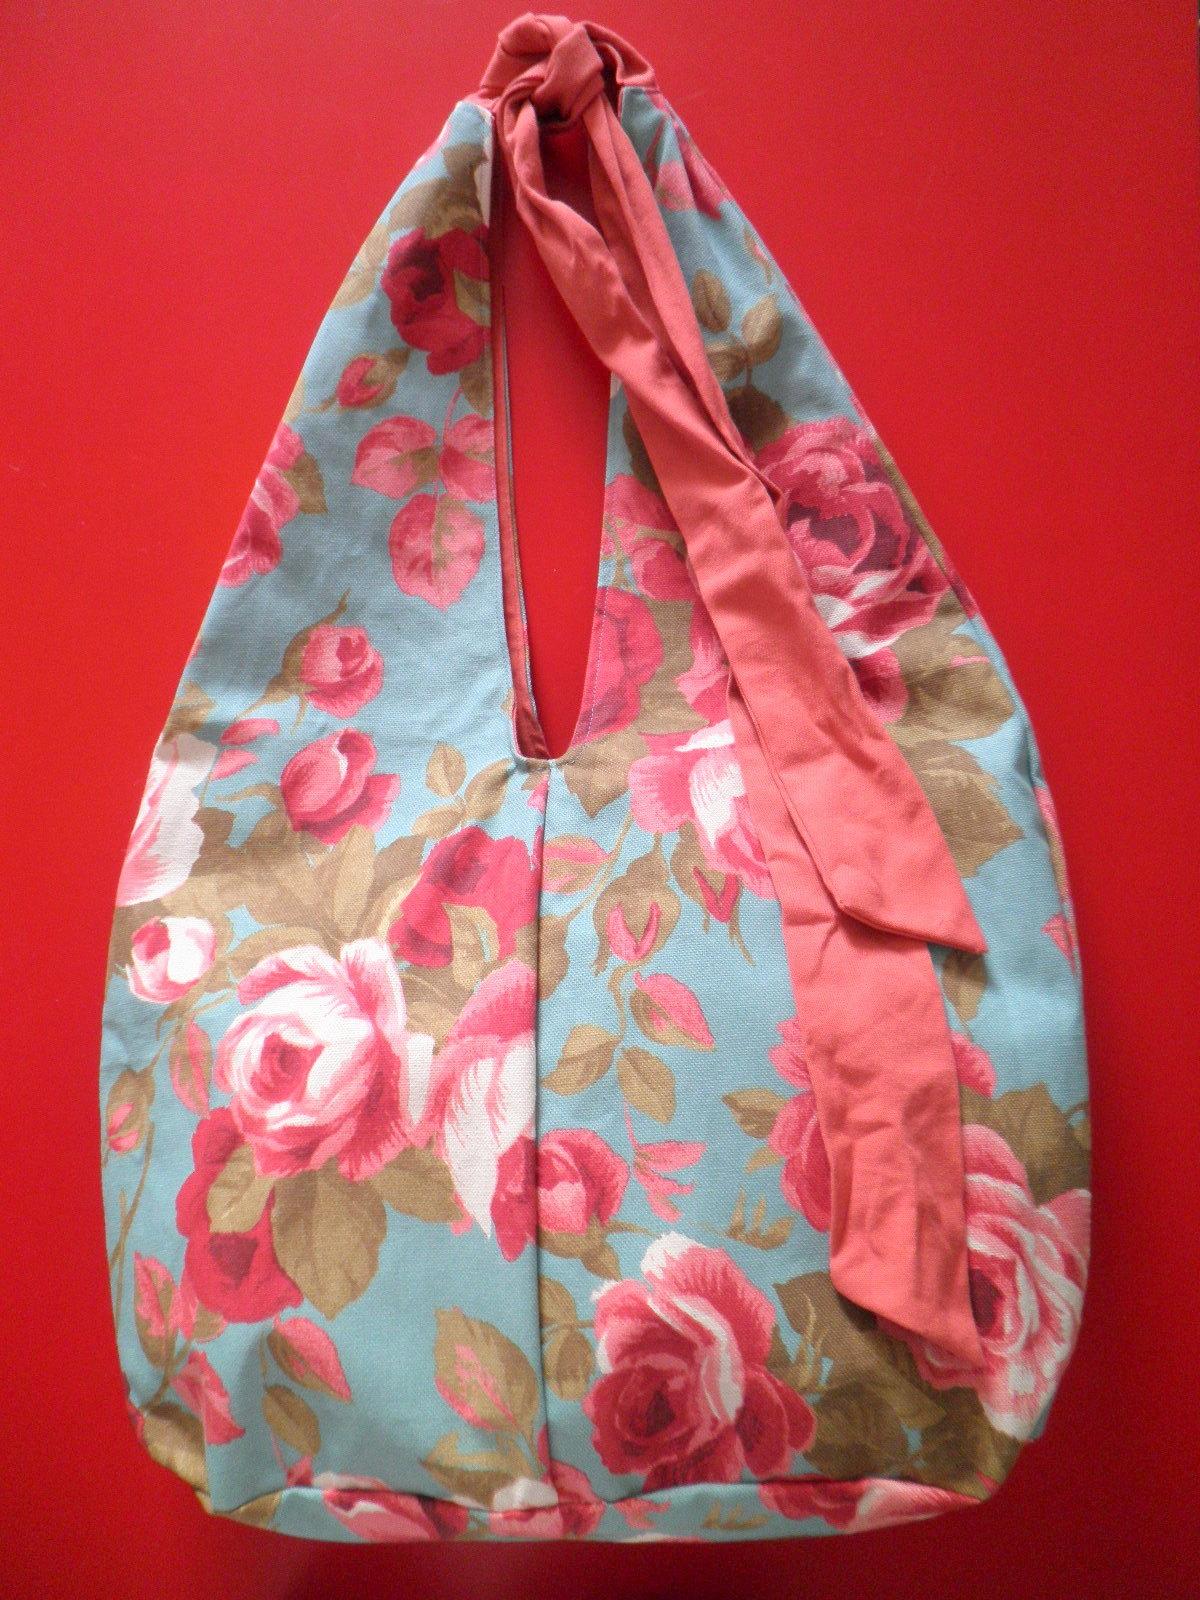 Bolsa De Tecido Frozen : Bolsa de tecido floral d?bora costa elo